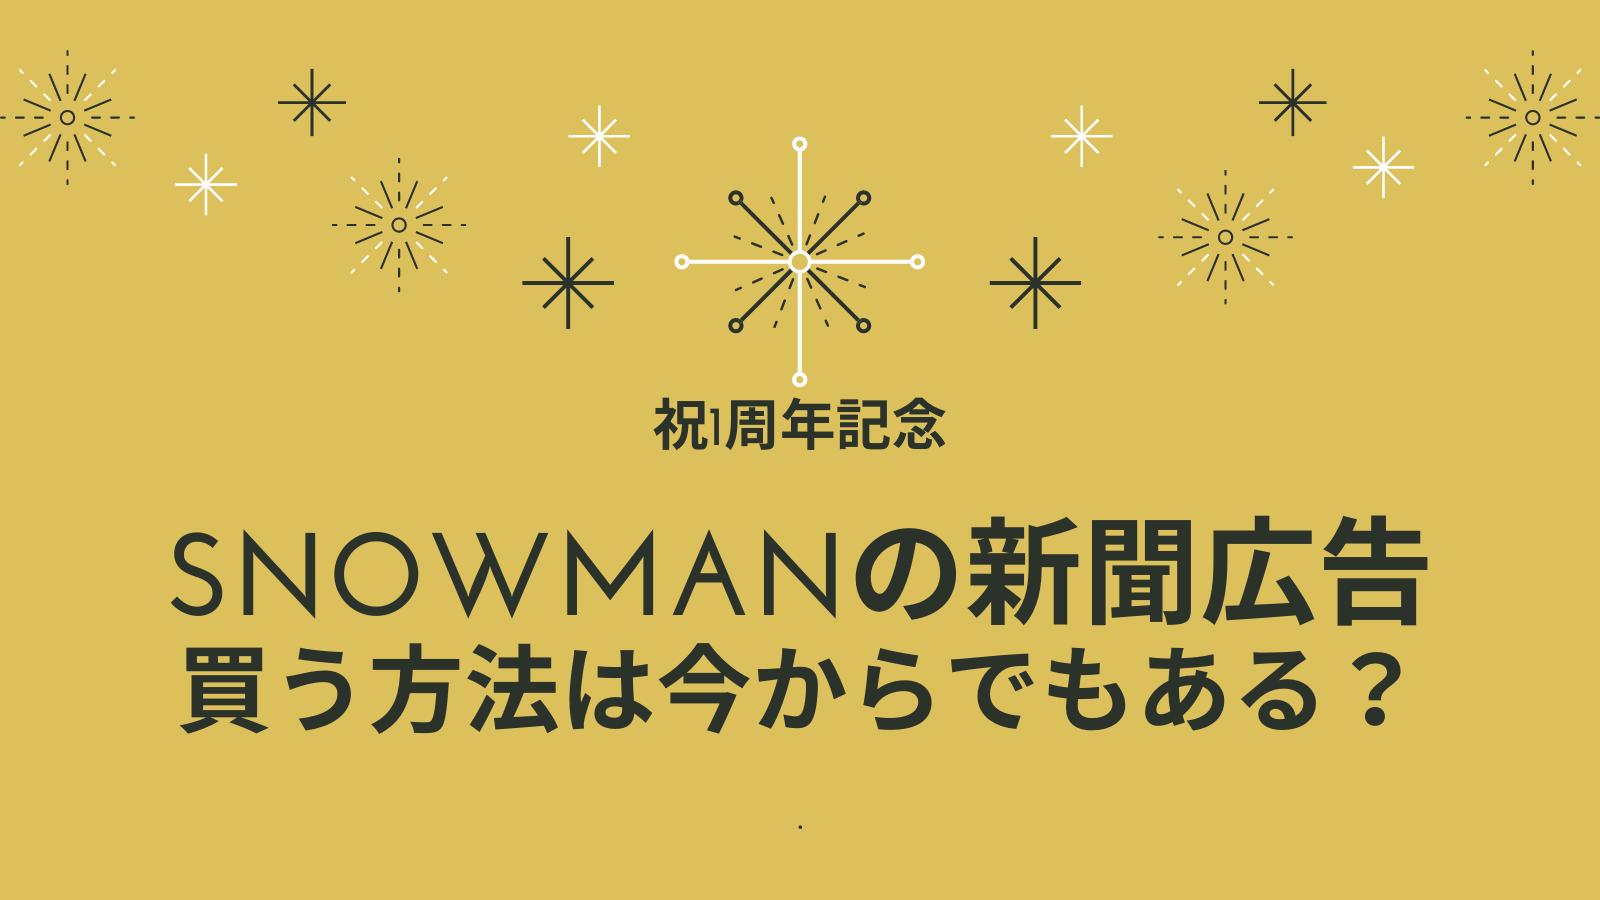 snowmanの新聞広告